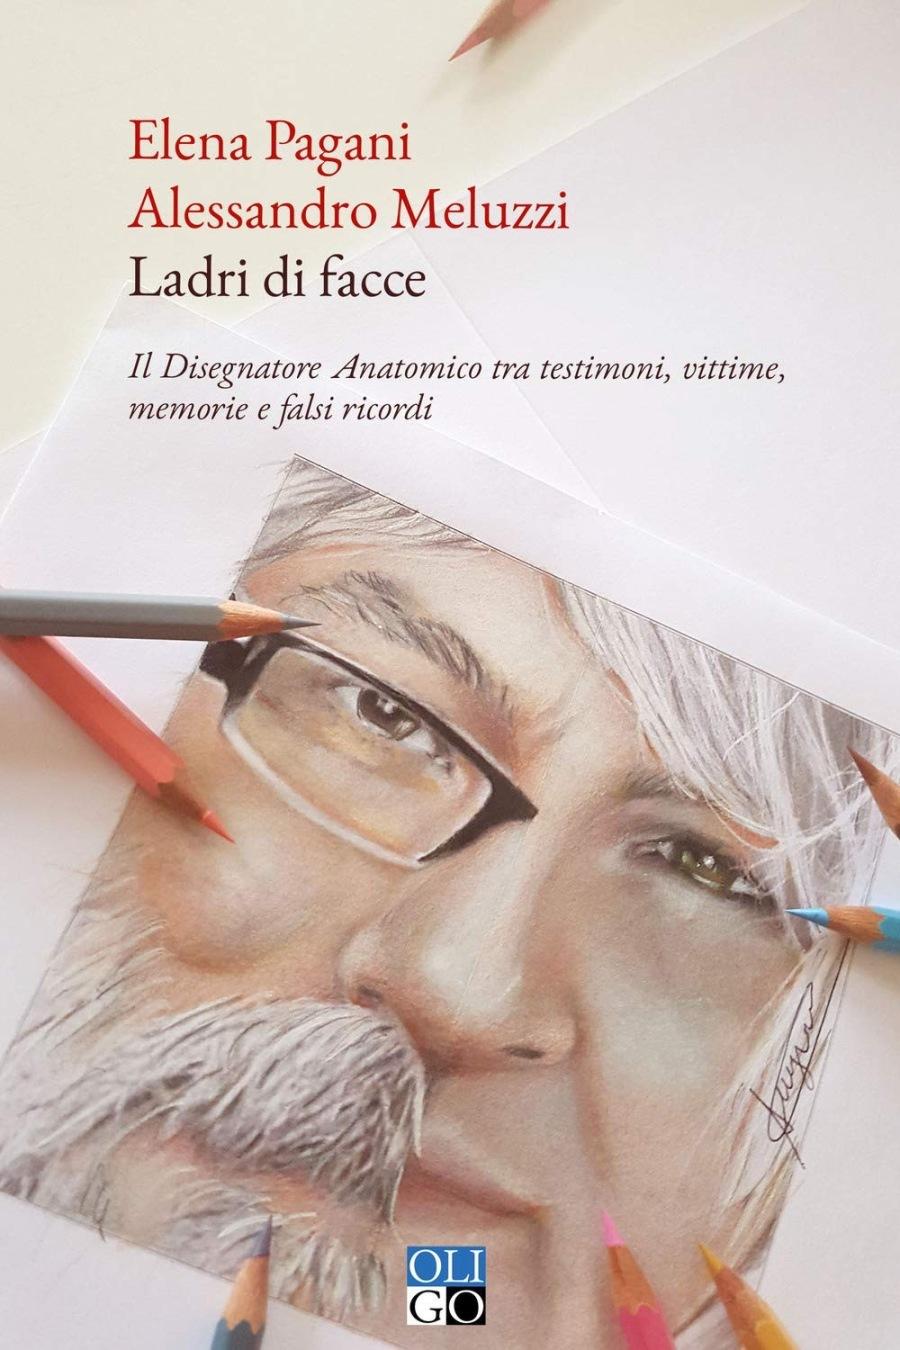 vd  Elena Pagani Alessandro Meluzzi Ladri di facce  Il Disegnatore Anatomico tra testimoni, vittime, memorie e falsi ricordi